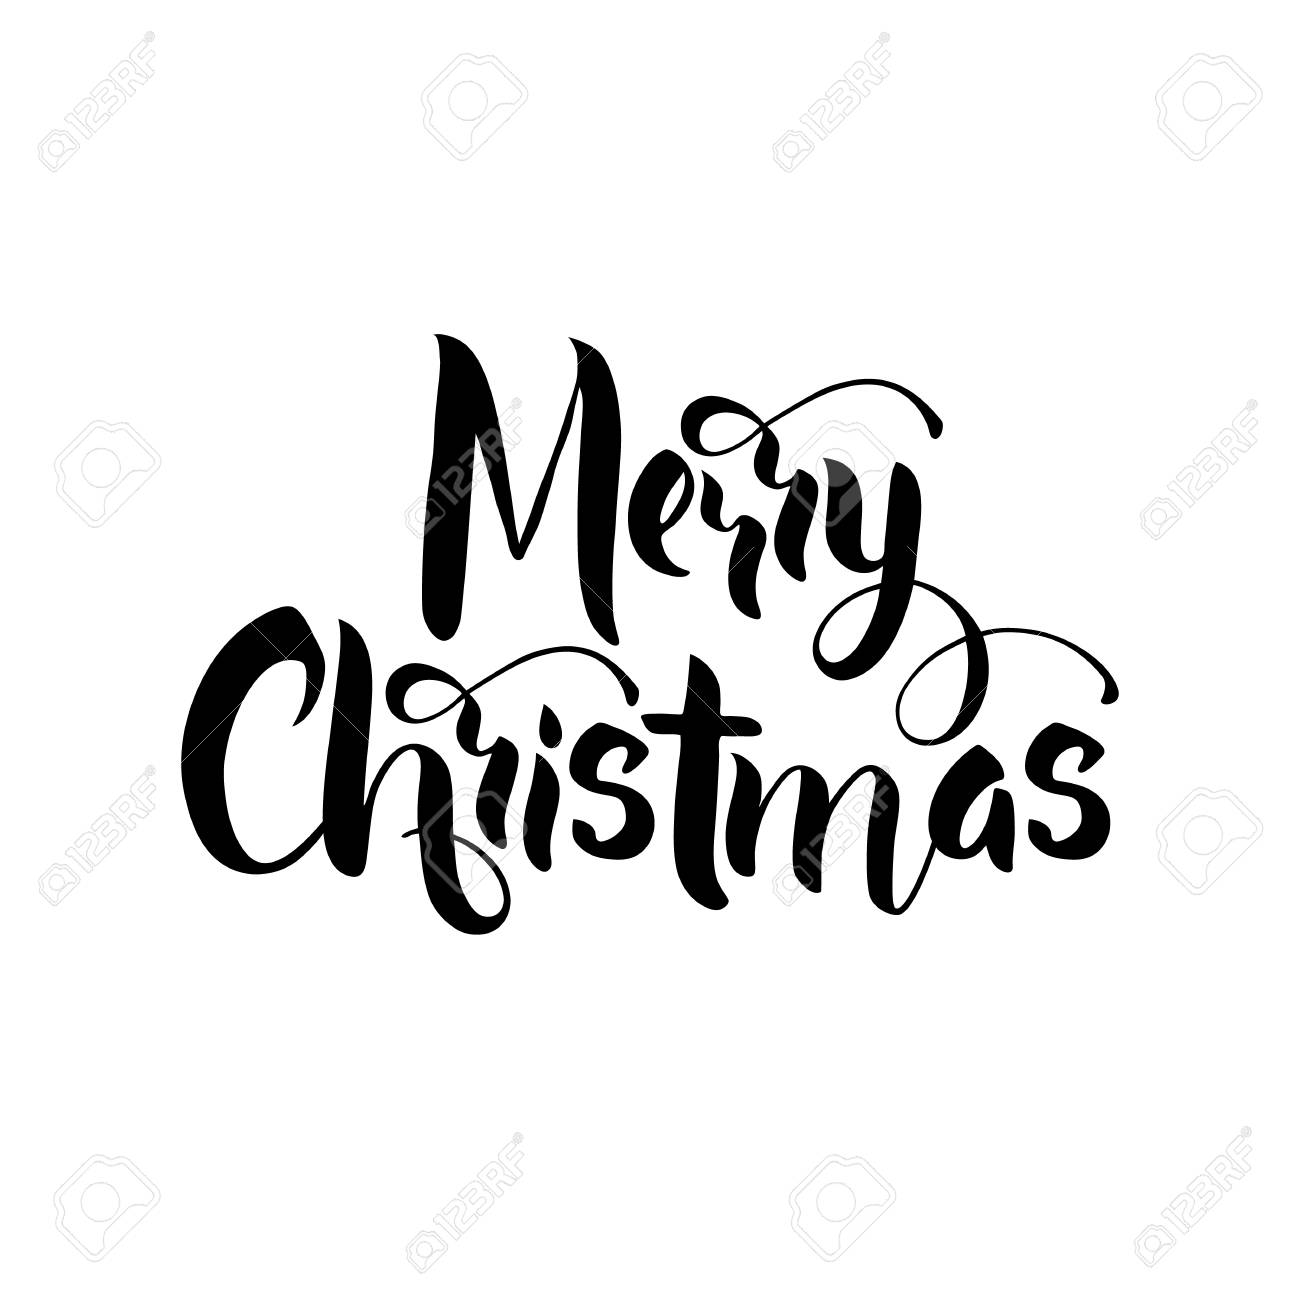 Schriftzug Frohe Weihnachten.Stock Photo